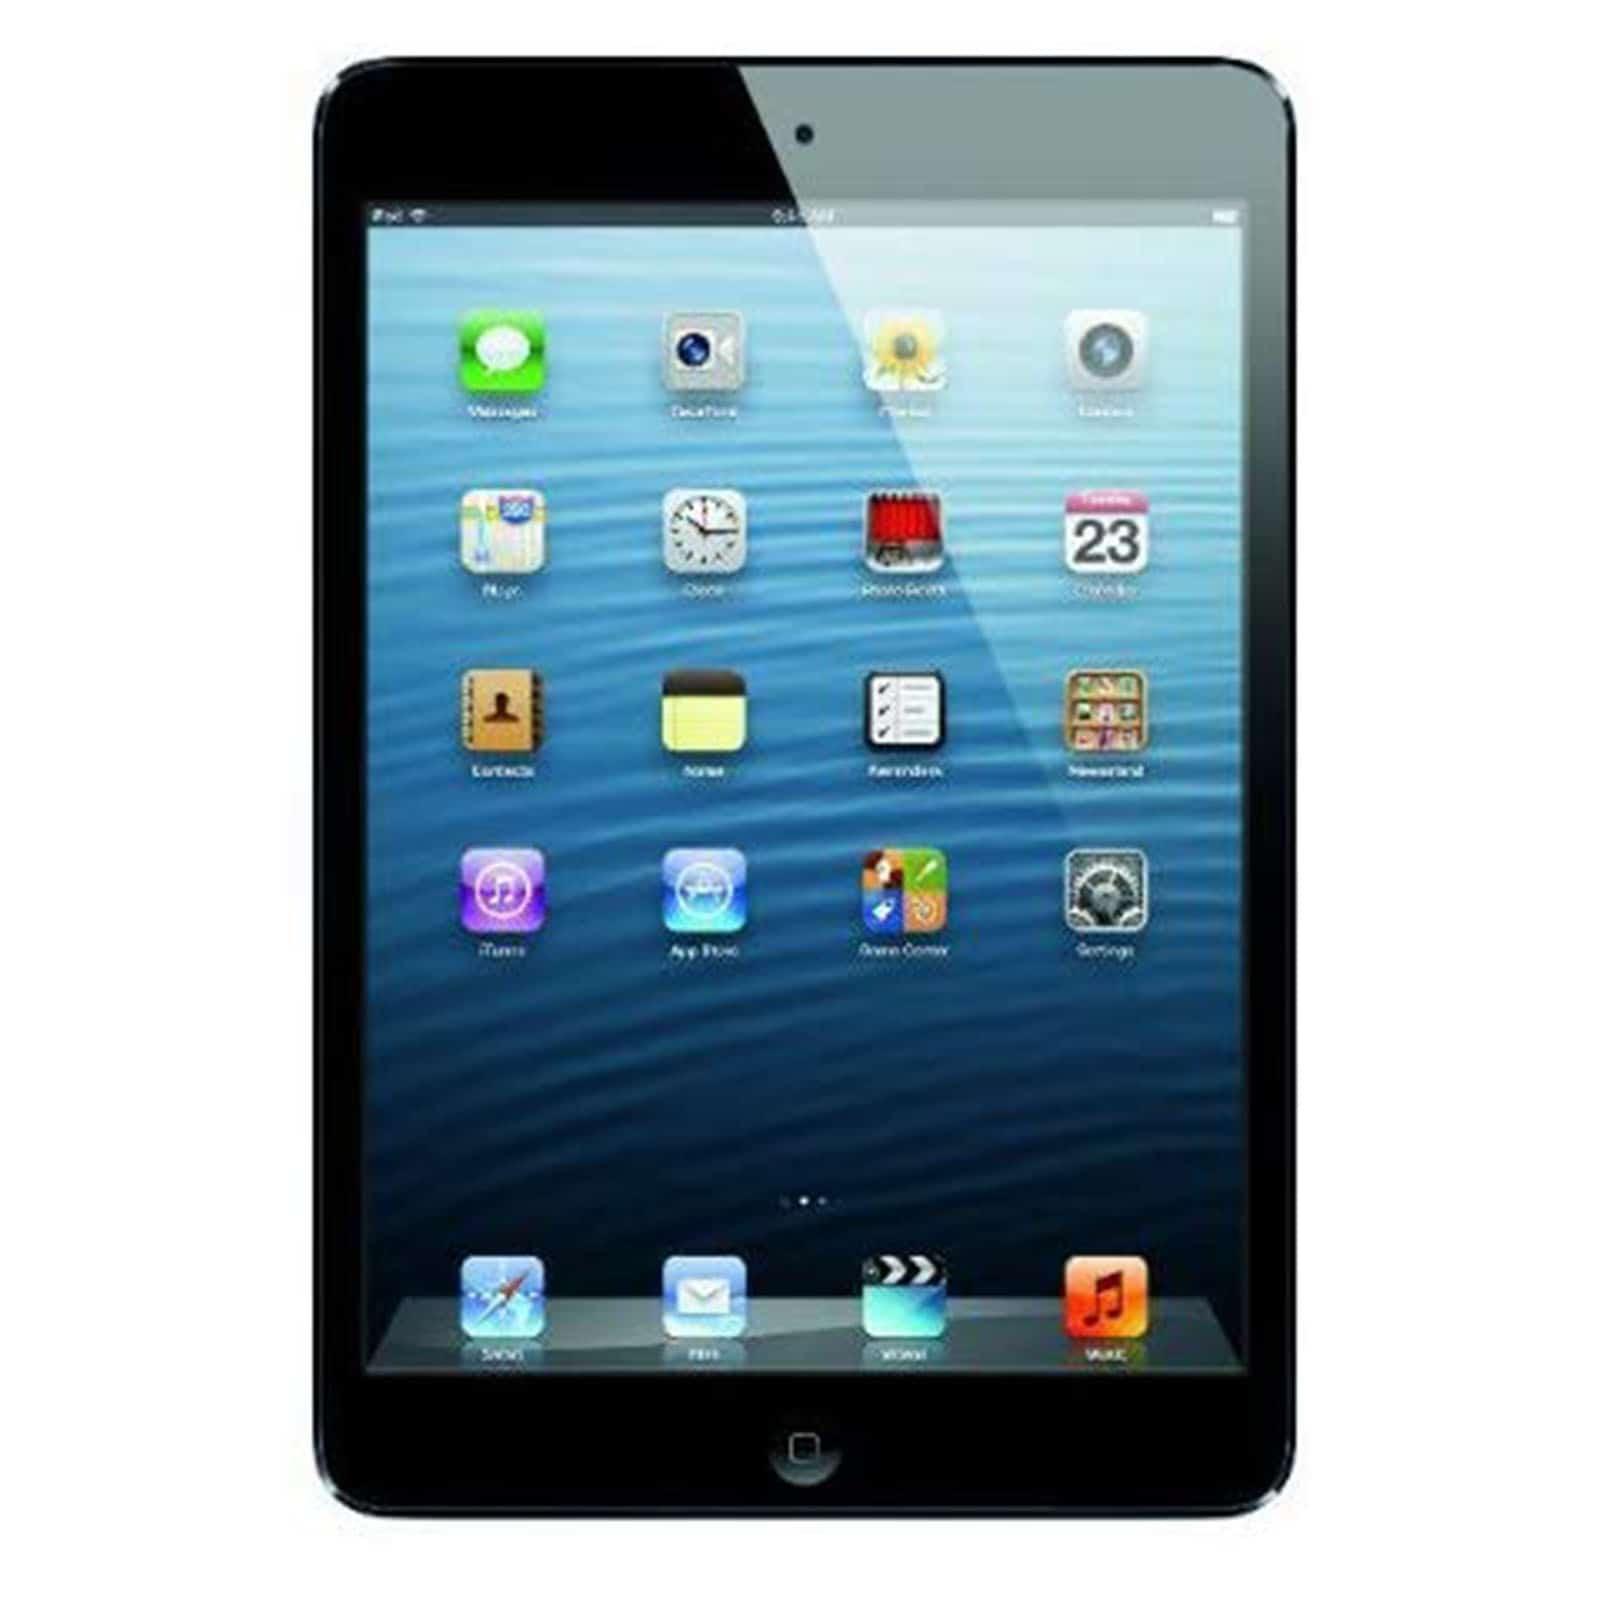 iPad mini (2012) - WLAN